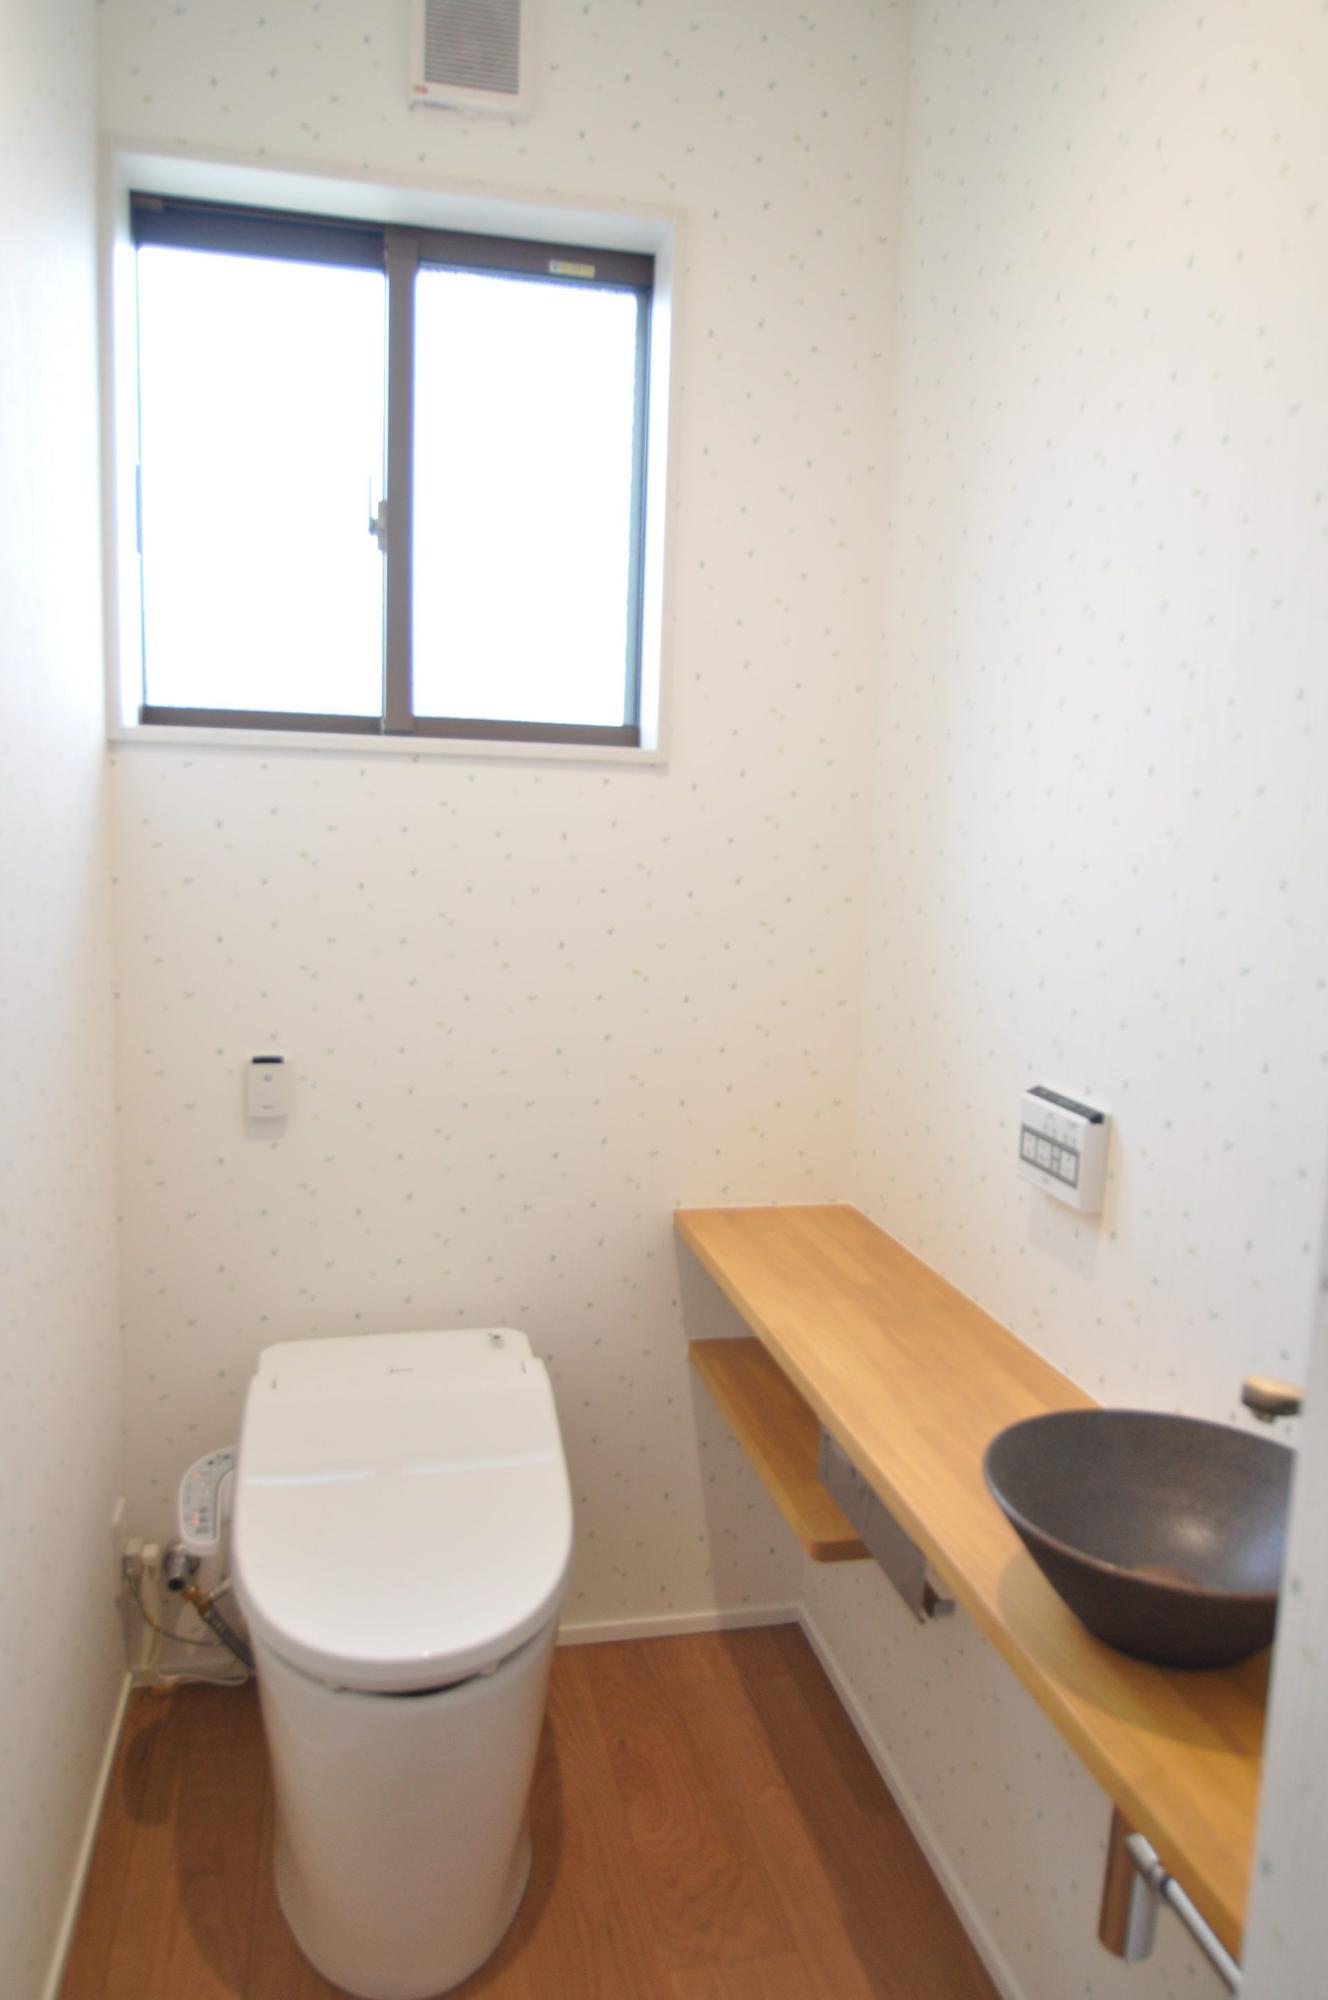 有限会社 市川建築店 1級建築士事務所「三条市 O様邸」のシンプル・ナチュラルなトイレの実例写真